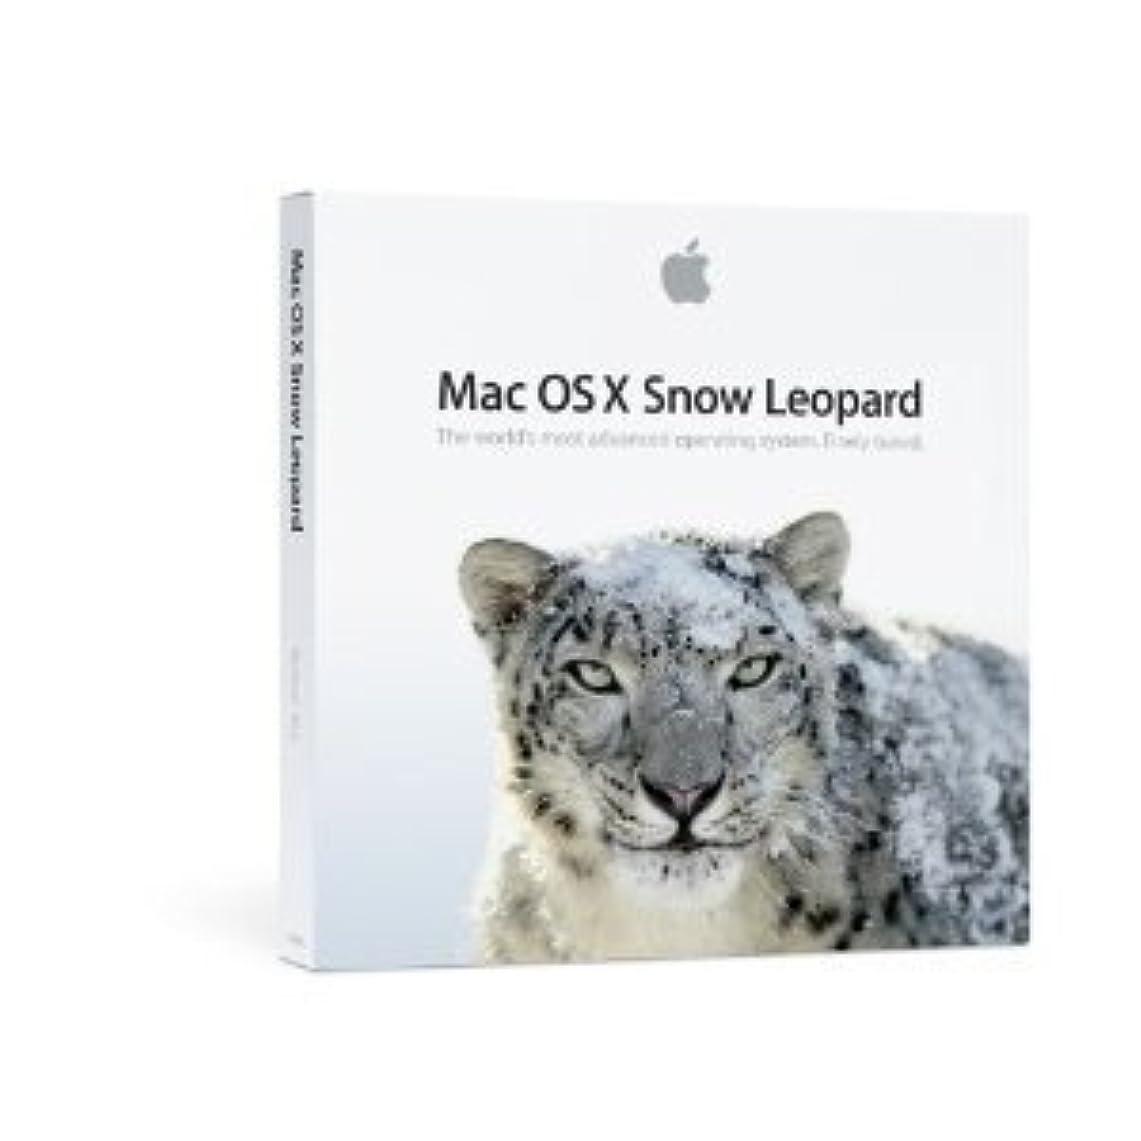 伴うラッドヤードキップリング参照する日本語 Mac OS X 10.6 Snow Leopard (Leopardユーザ向けアップグレード)